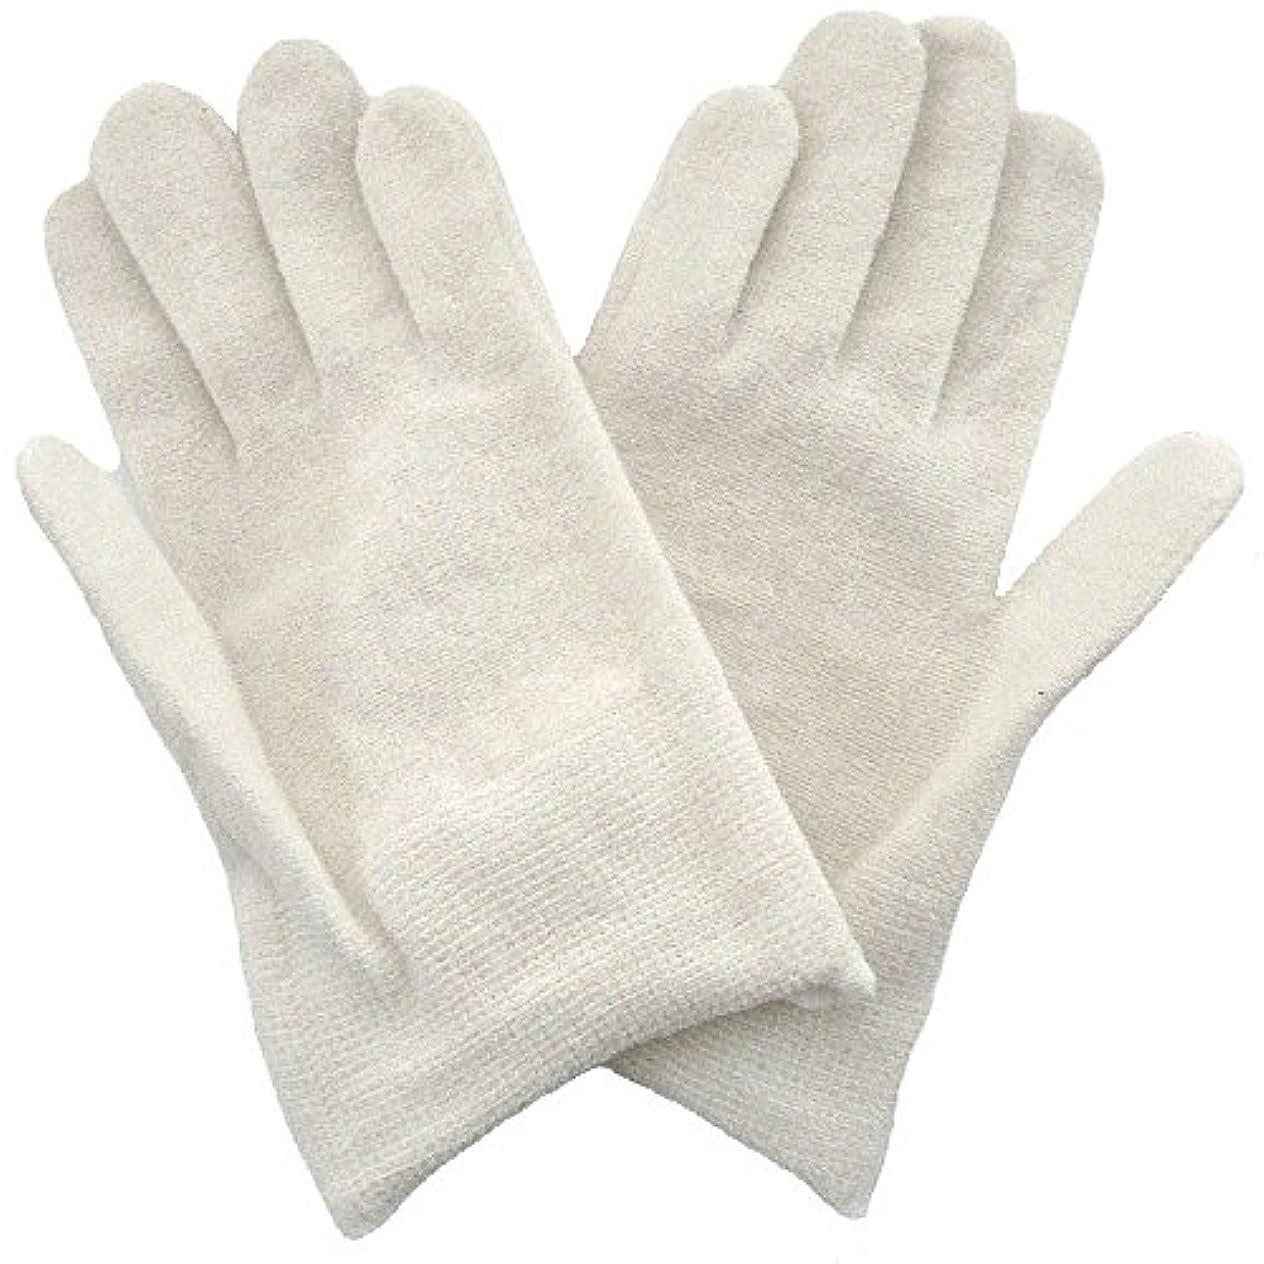 差別用量間違いなく【アトピー】【水疱瘡】【皮膚炎】 ナノミックス おやすみ手袋:キッズ用 ホワイト